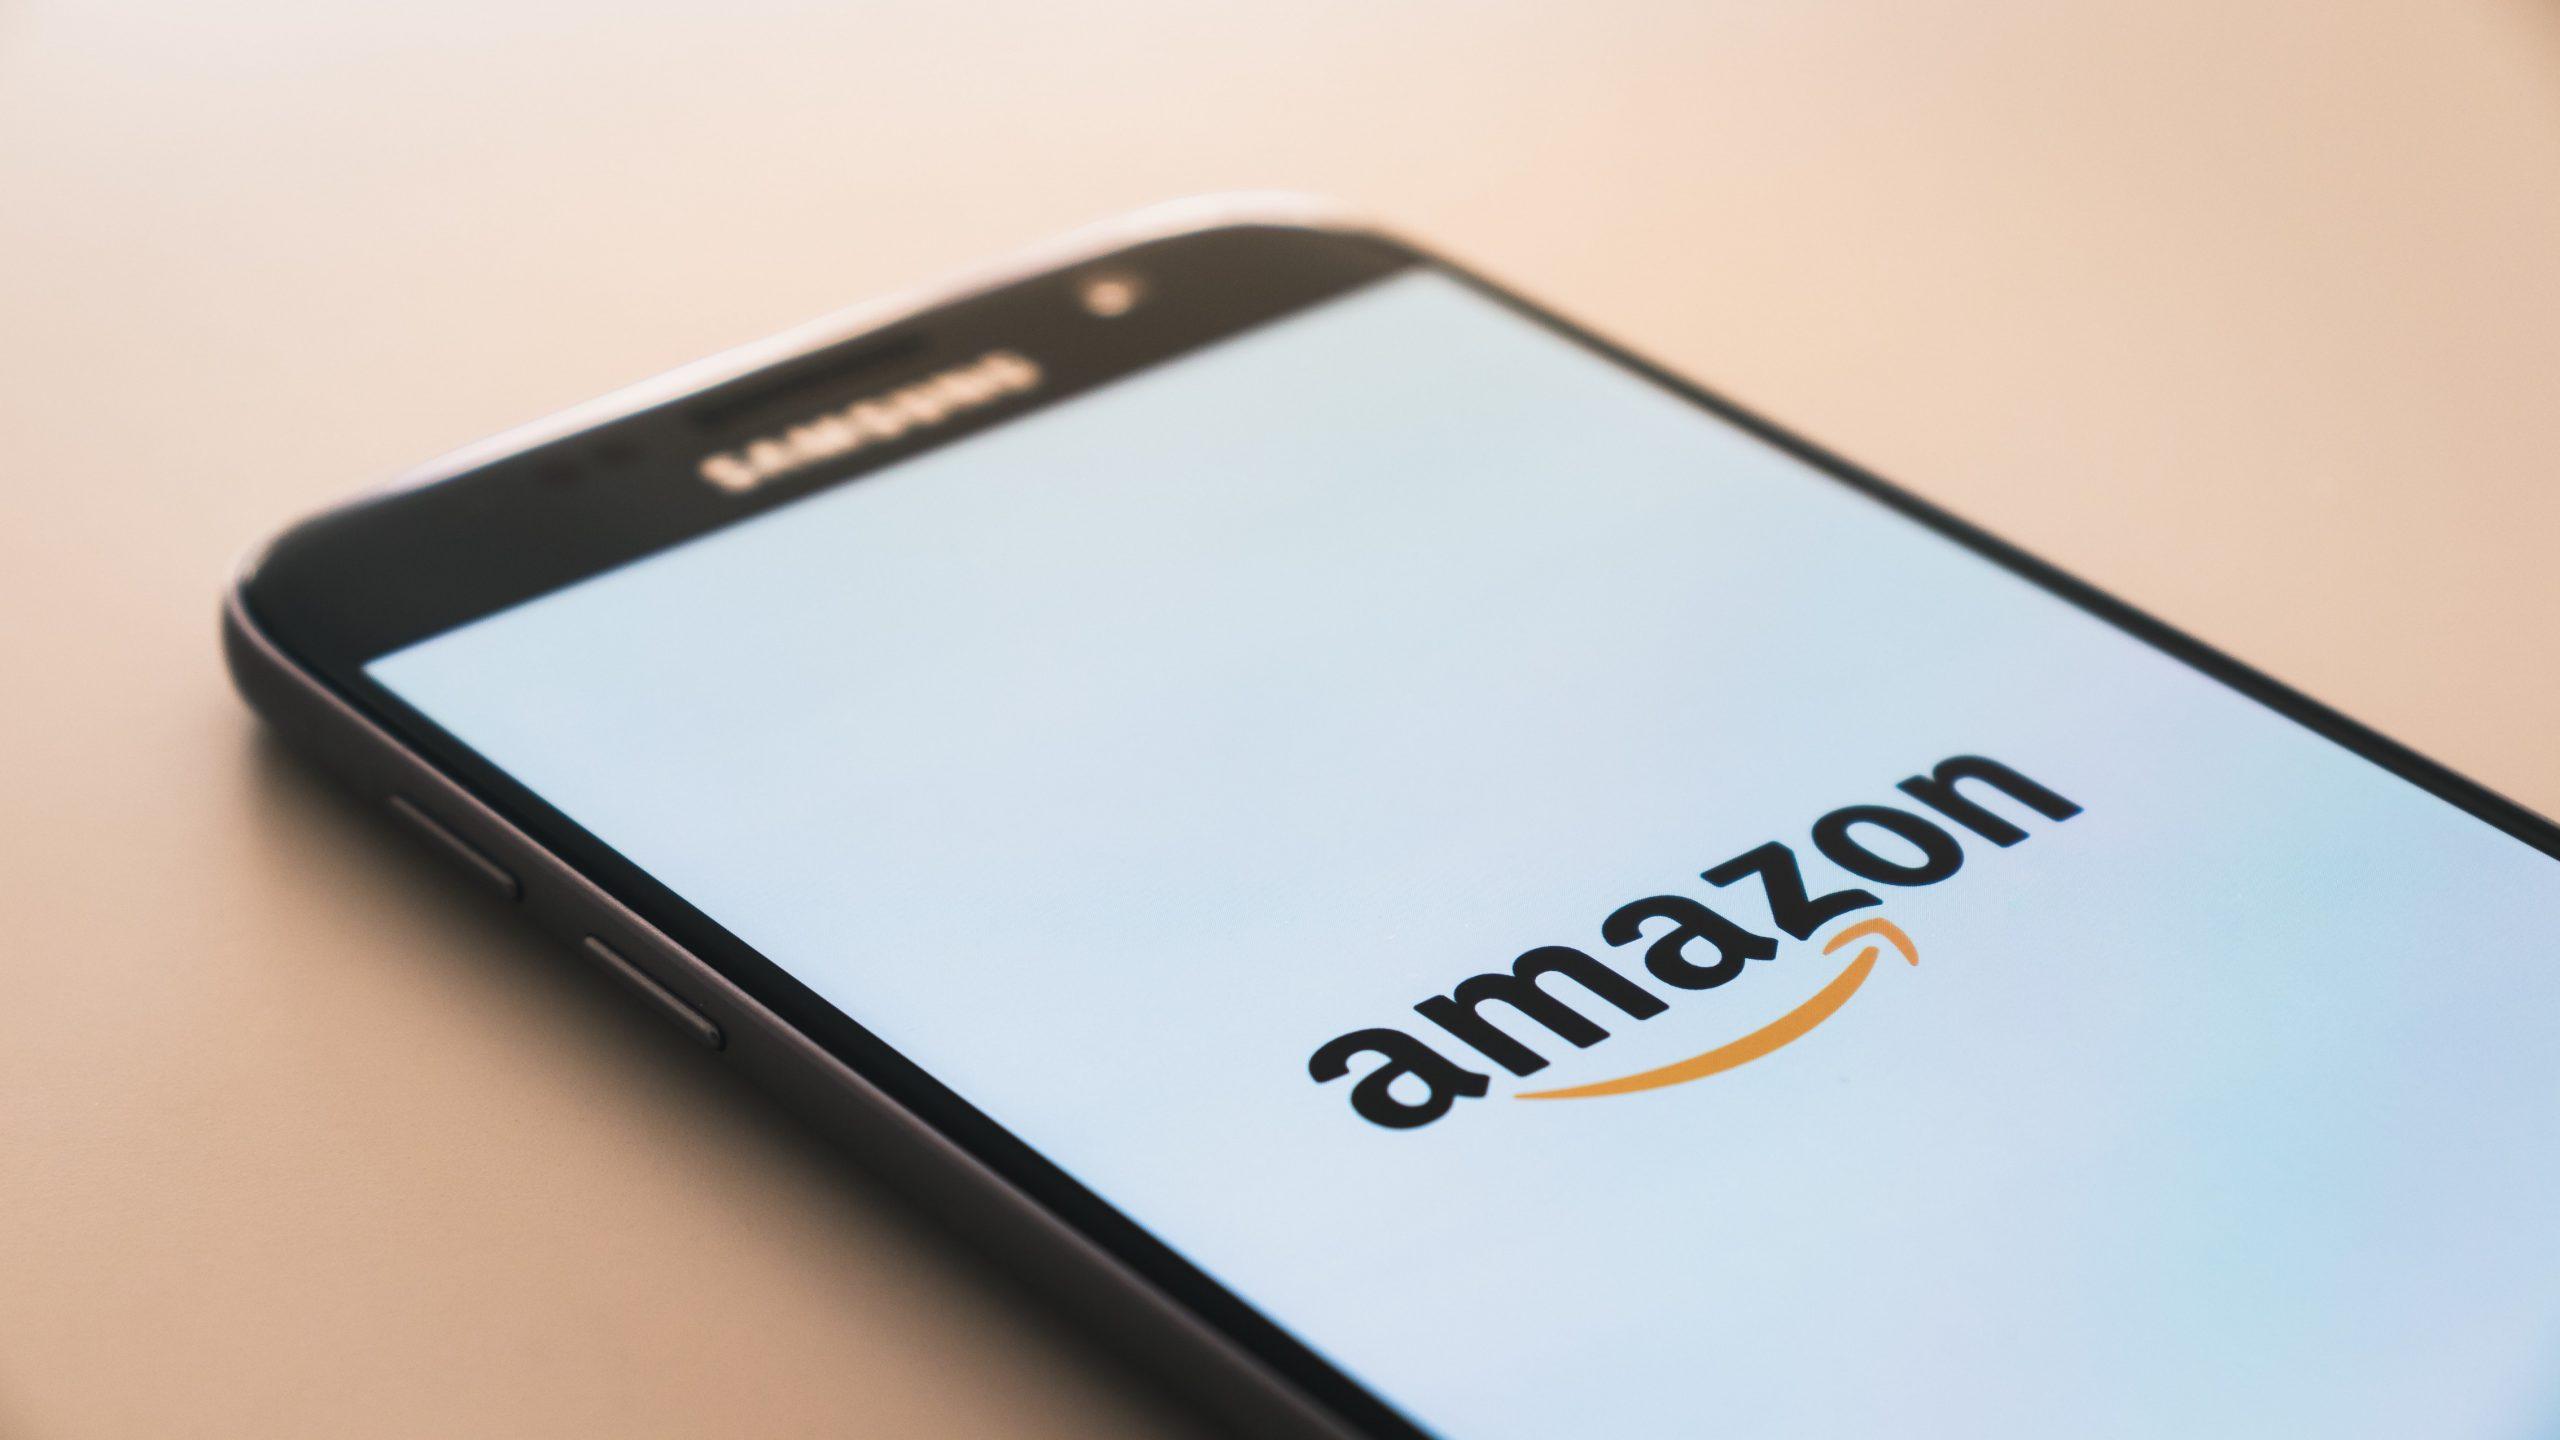 Checkliste: Die Top 10 Takeaways für Amazon Seller von der Amazon Konferenz 2017